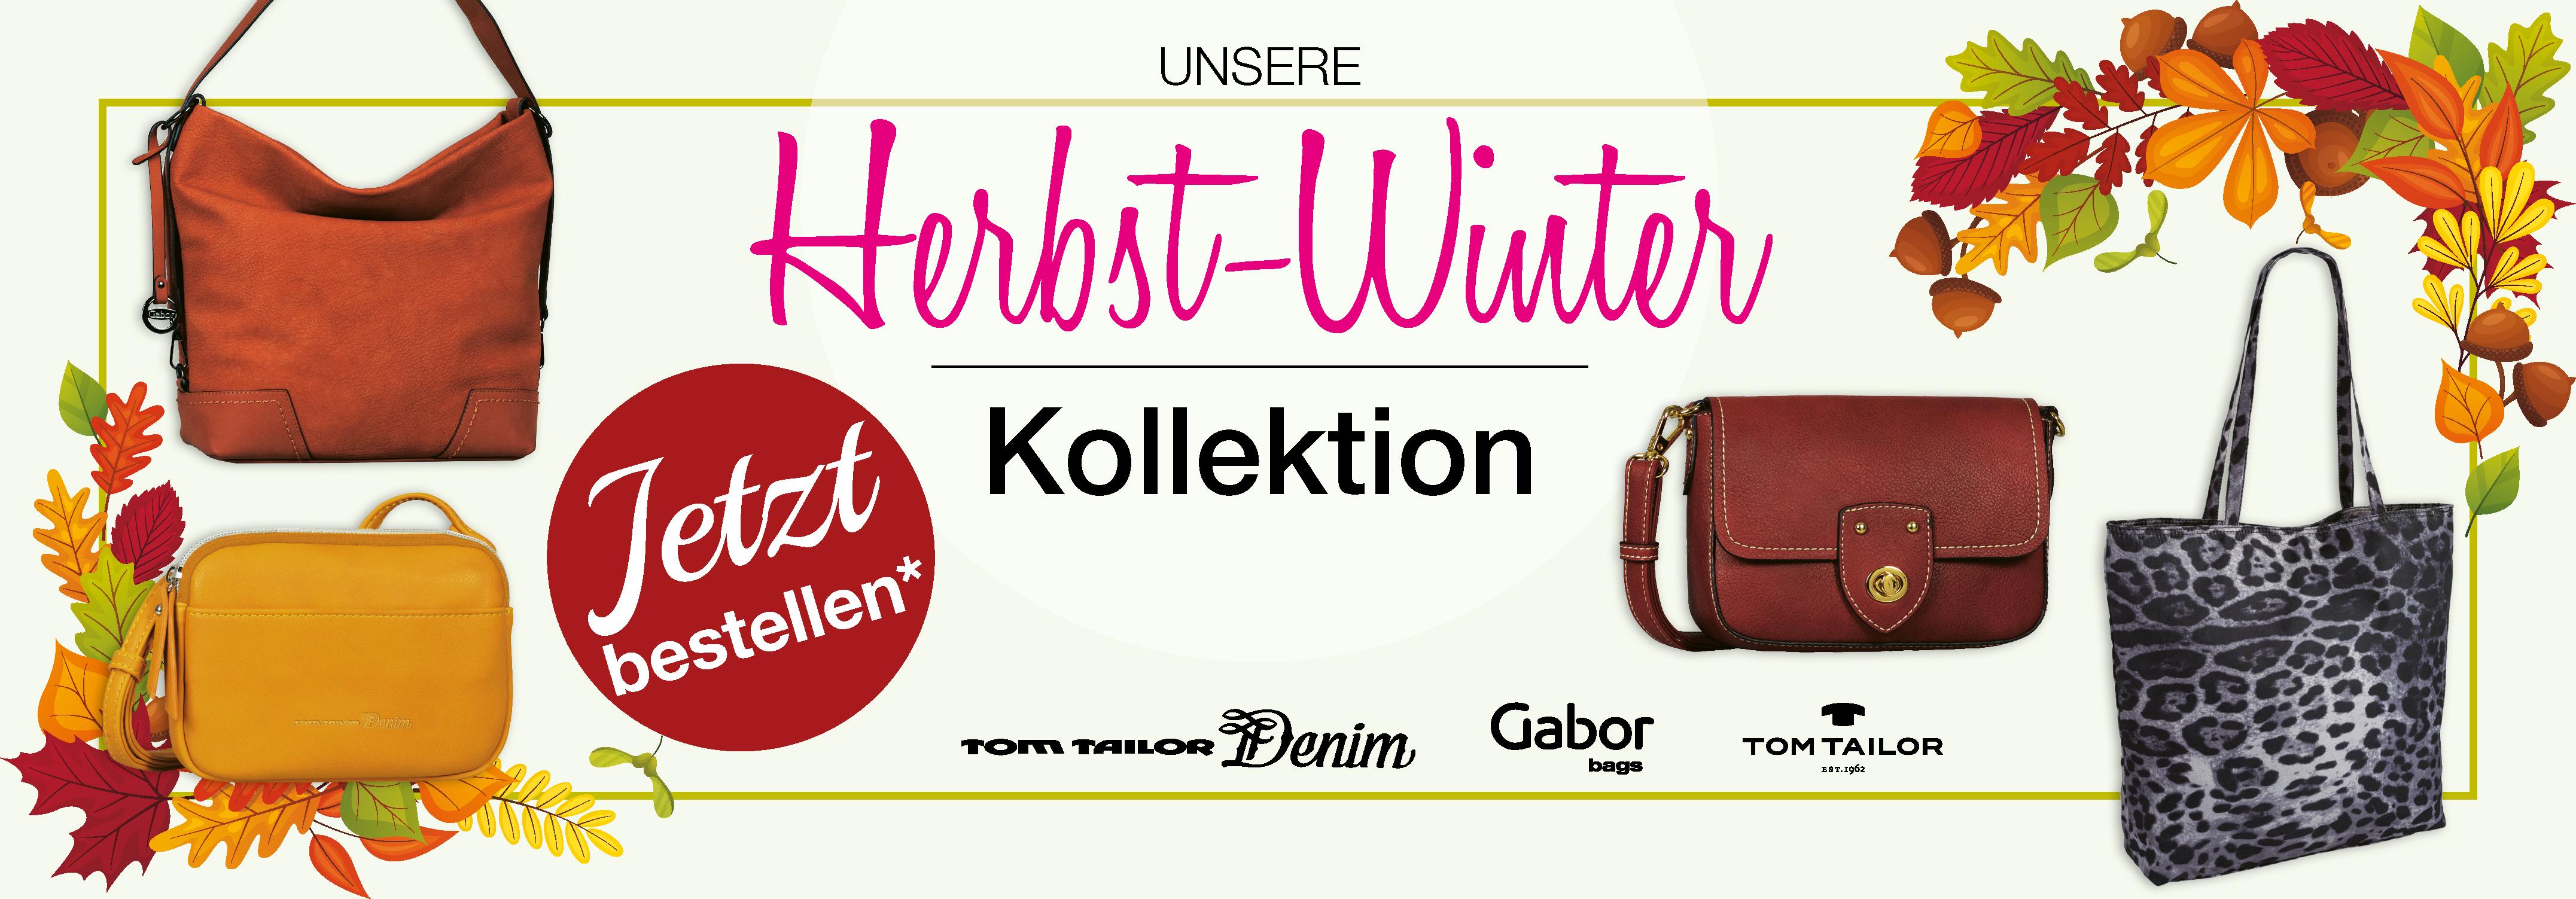 Herbst-Winter Kollektion